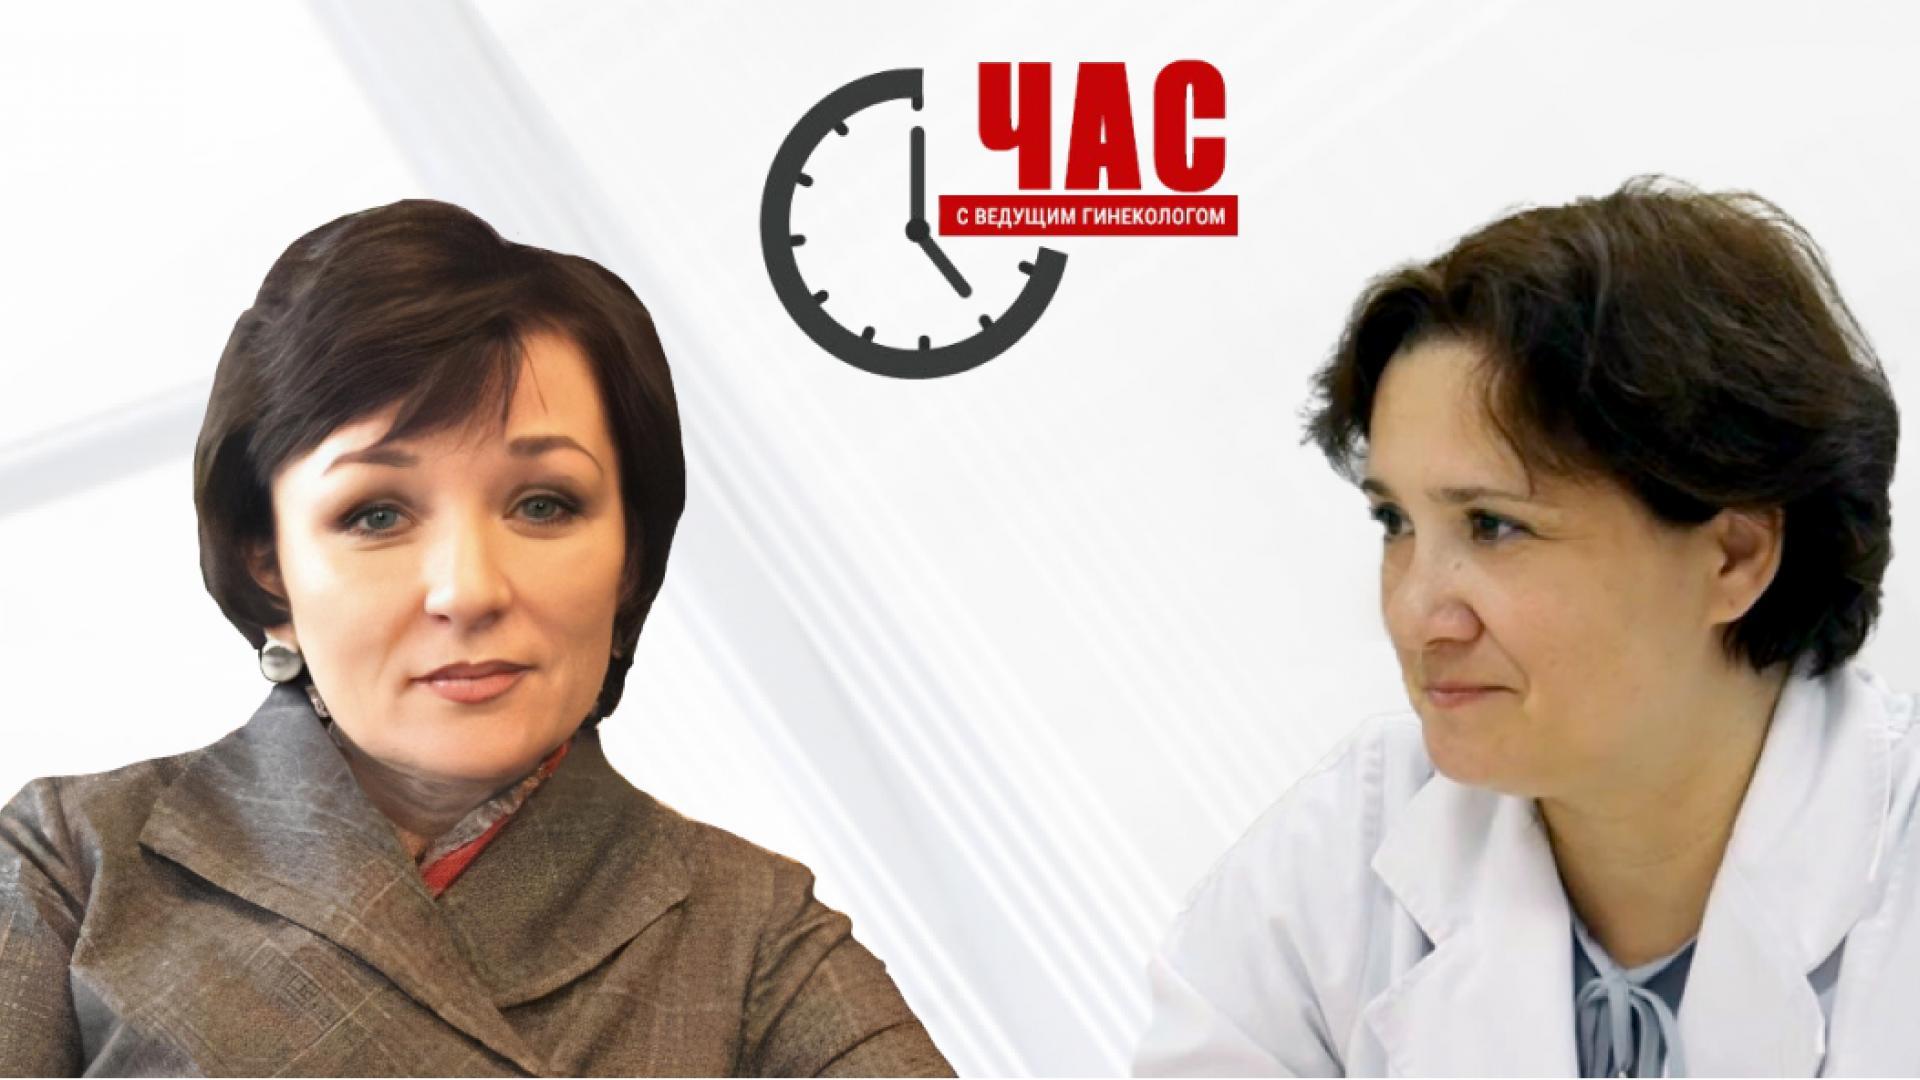 Сегодня в 17:00 мск состоится онлайн-трансляция «Час с ведущим гинекологом»